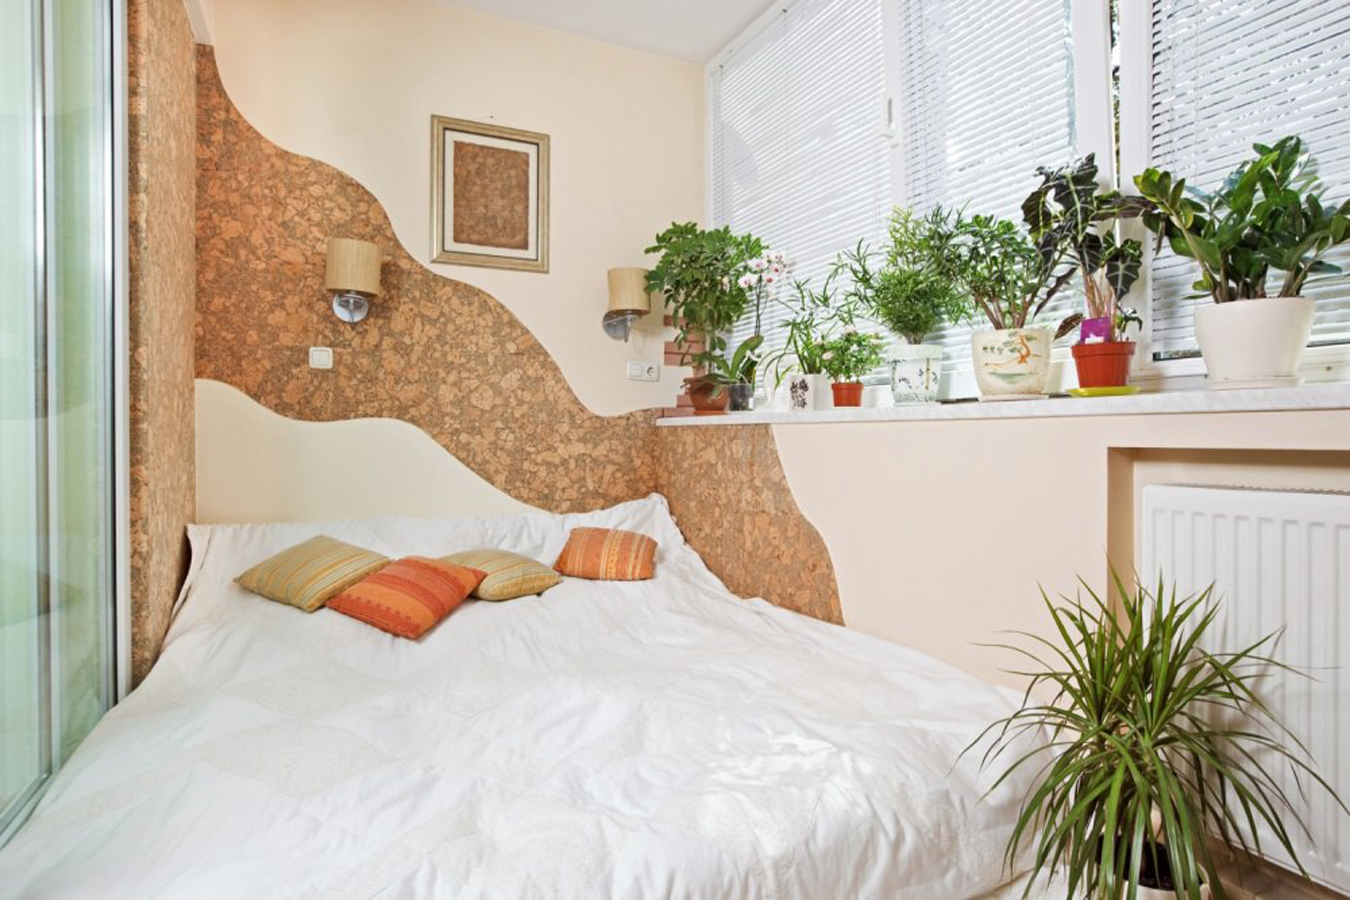 Спальня на балконе 55 фото как сделать спальное место на лоджии спальня с выходом на балкон идеи